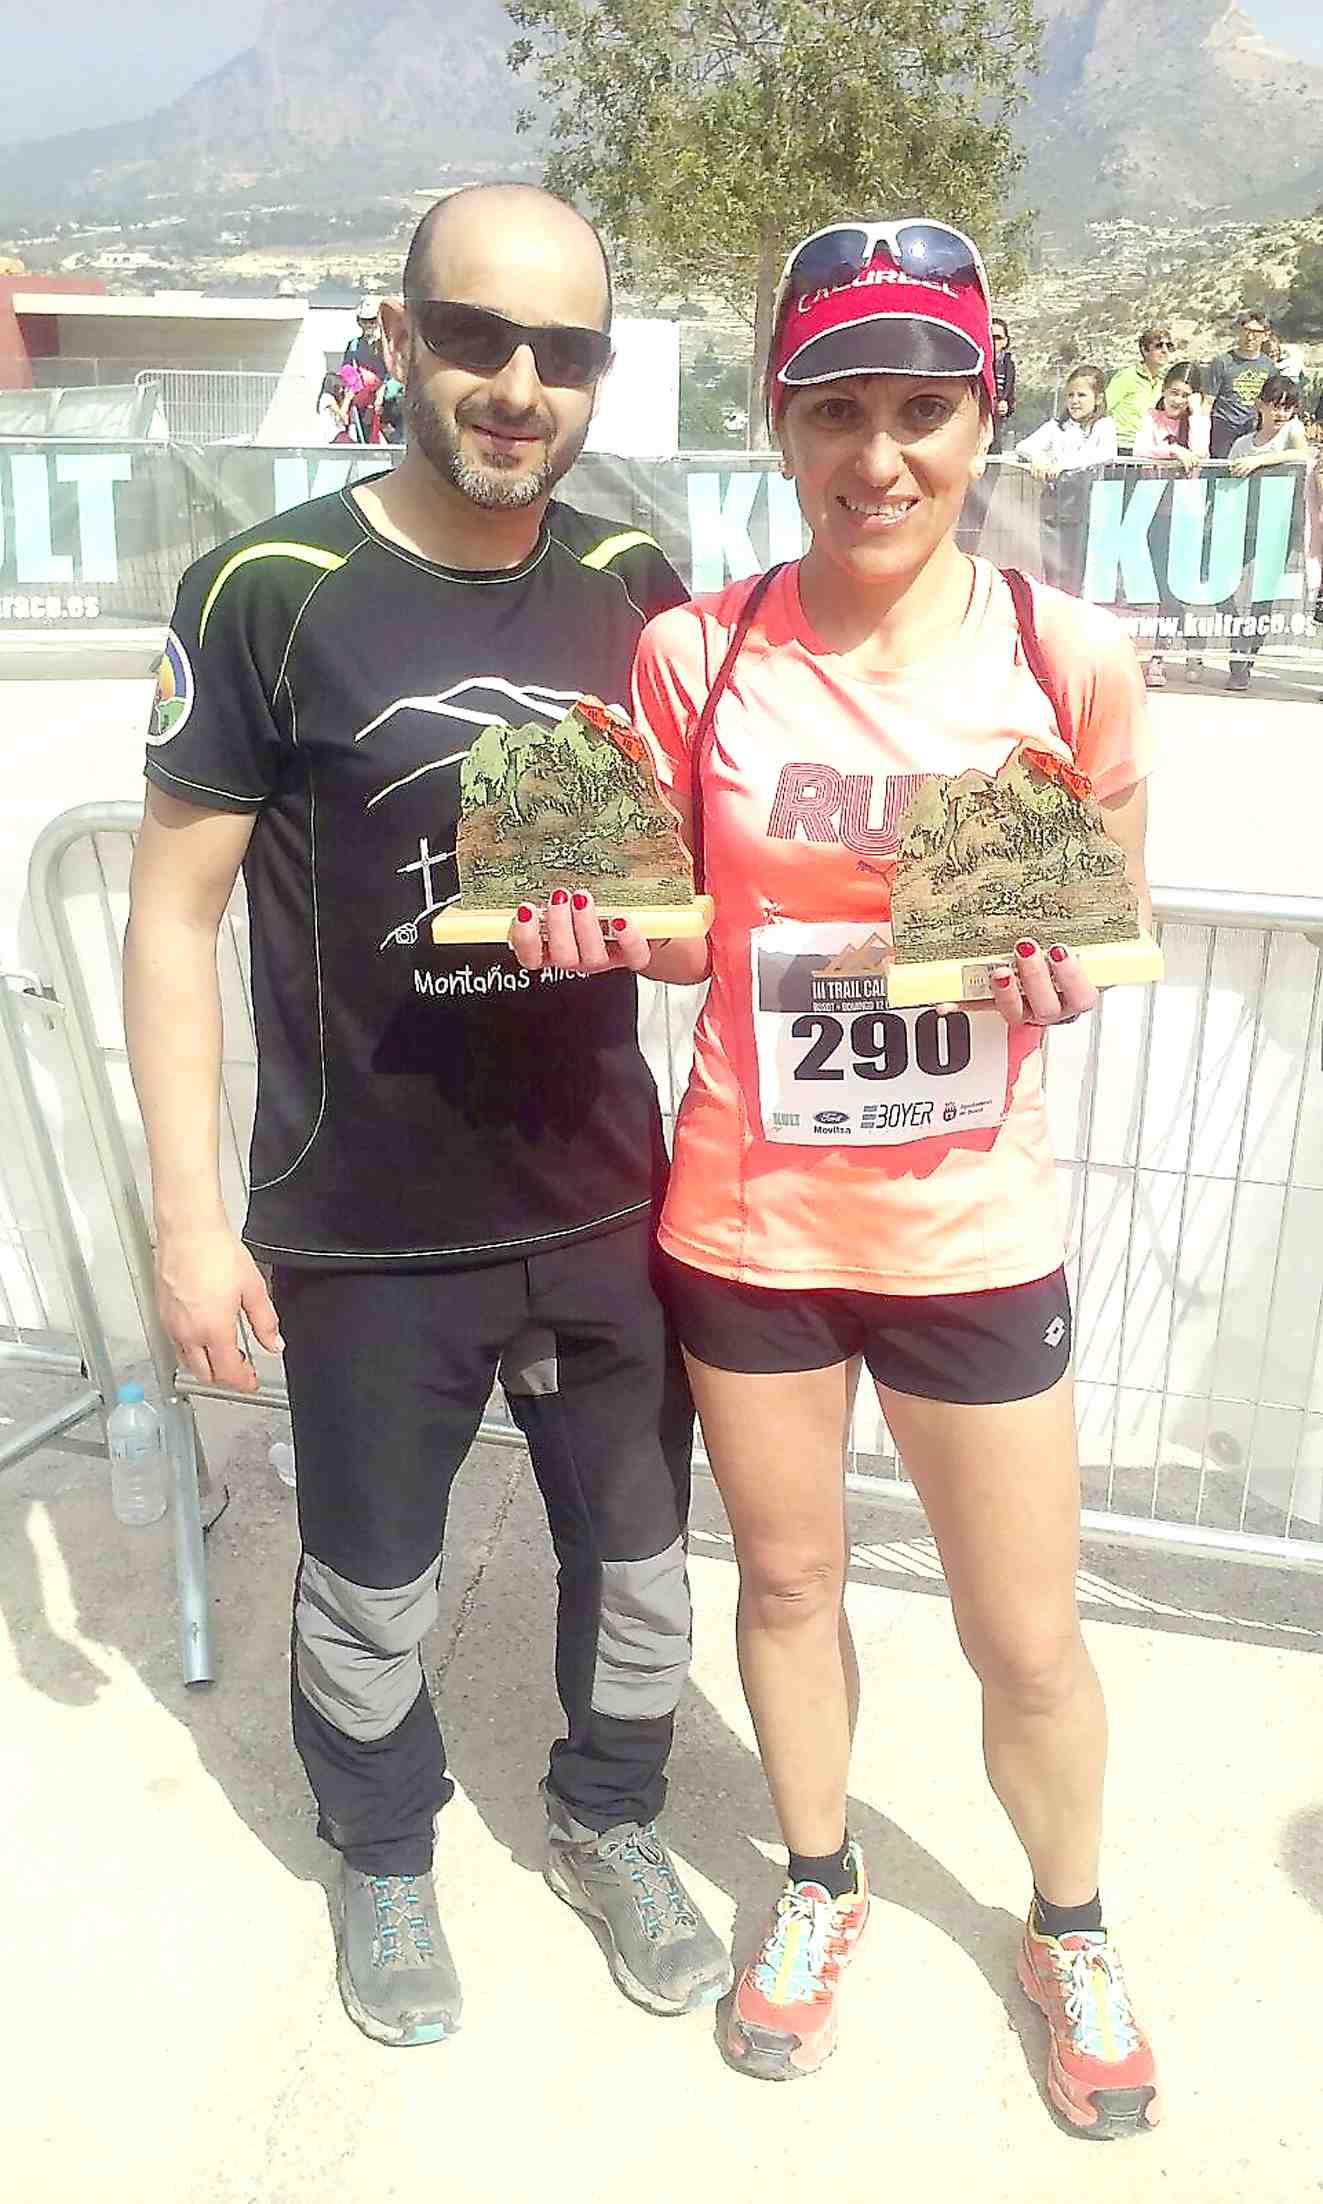 La ibense Dolores Roelas consigue dos podios en el tercer Trail del Cabeçó d'Or